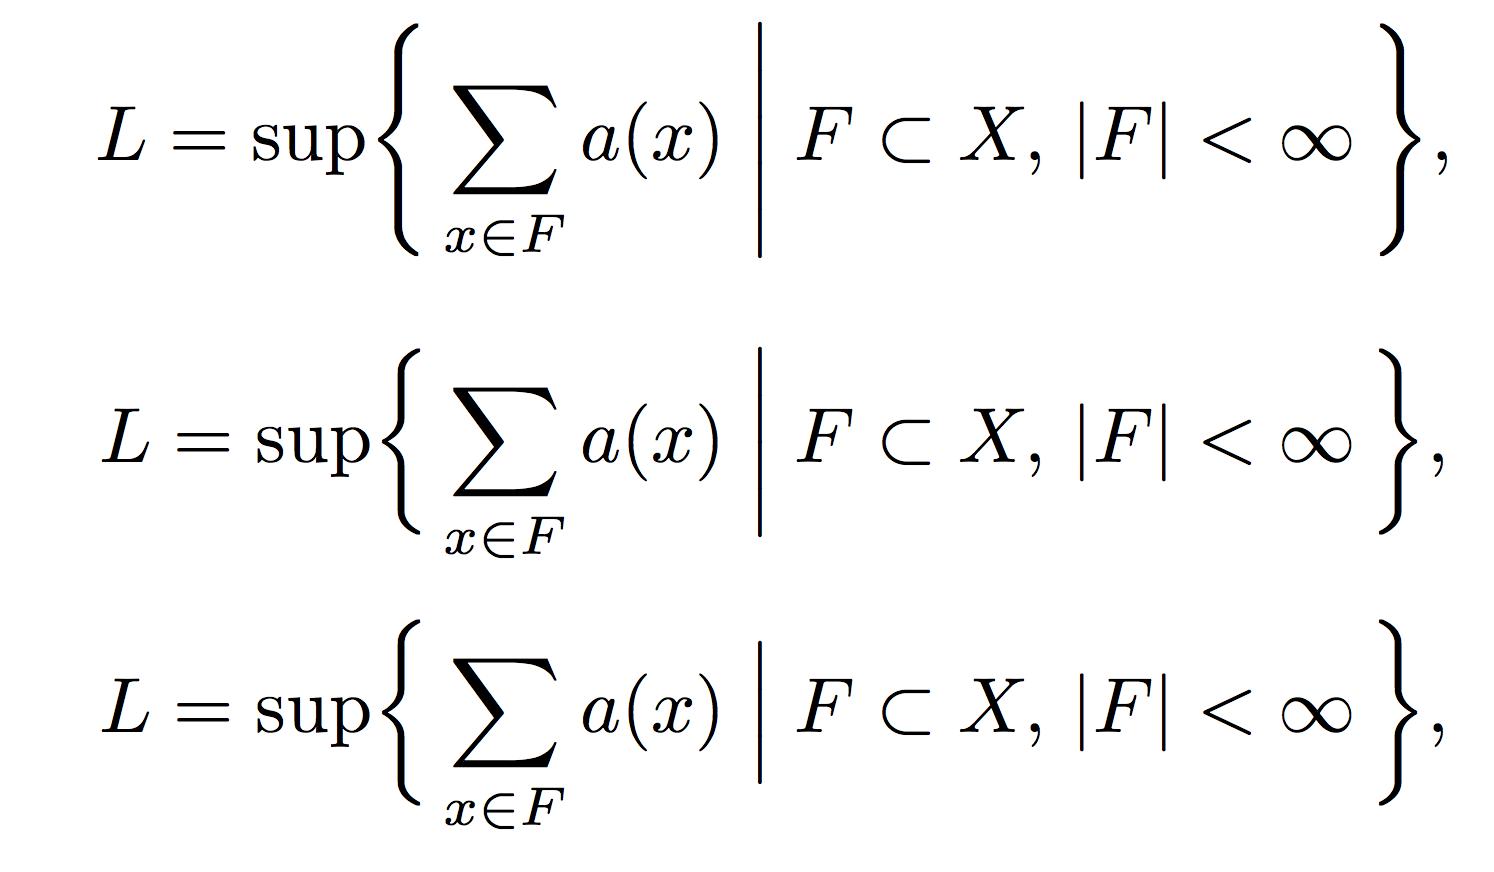 公式排版中竖线的自动化长度选择